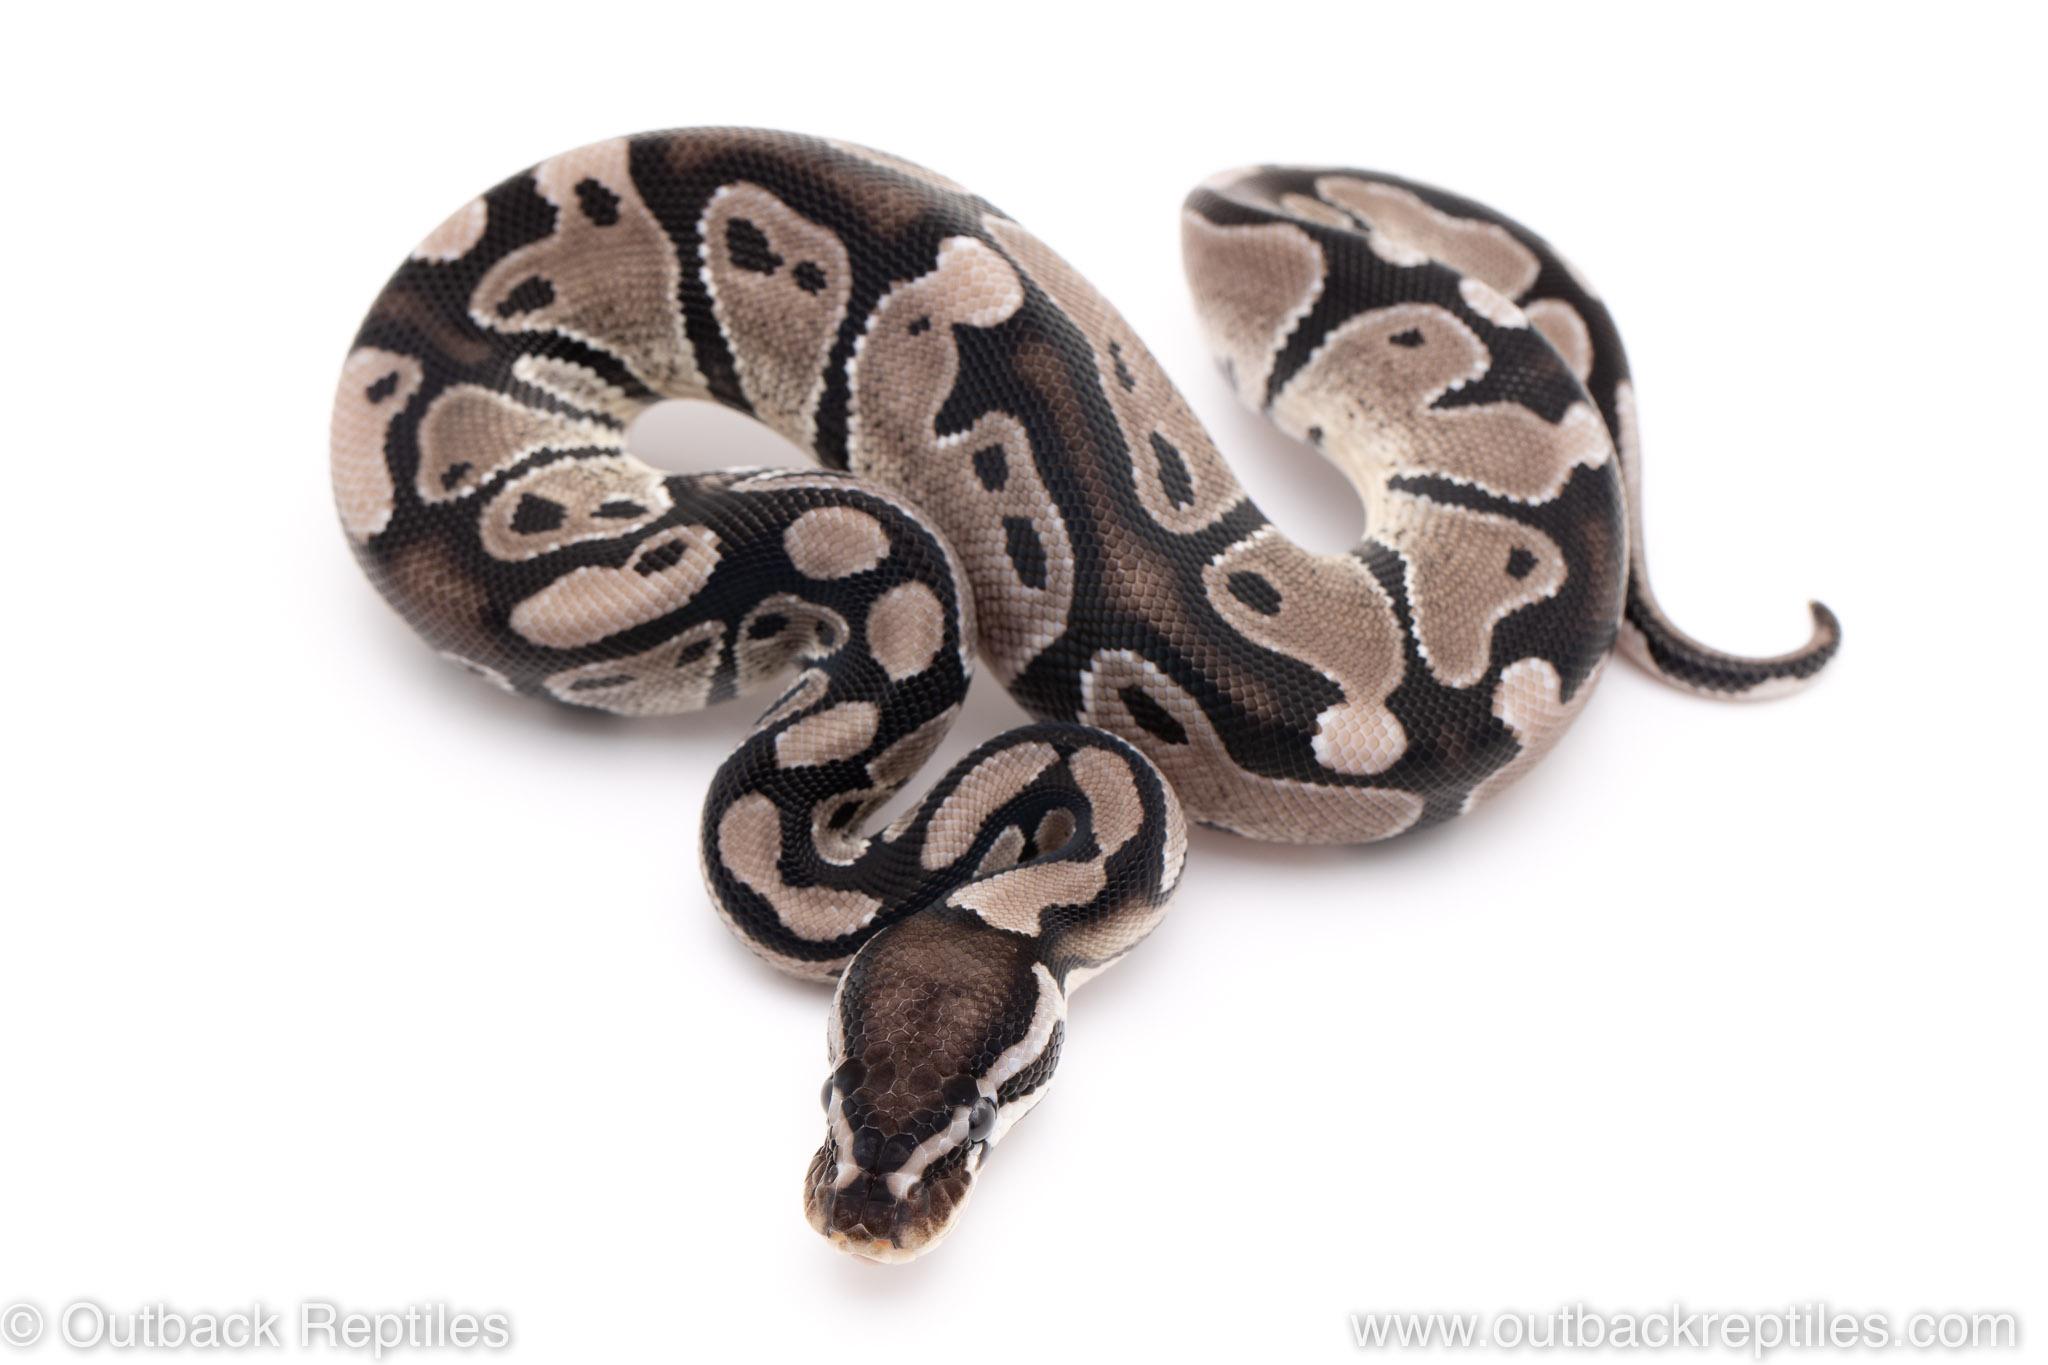 VPI Axanthic poss het pied ball pythons for sale